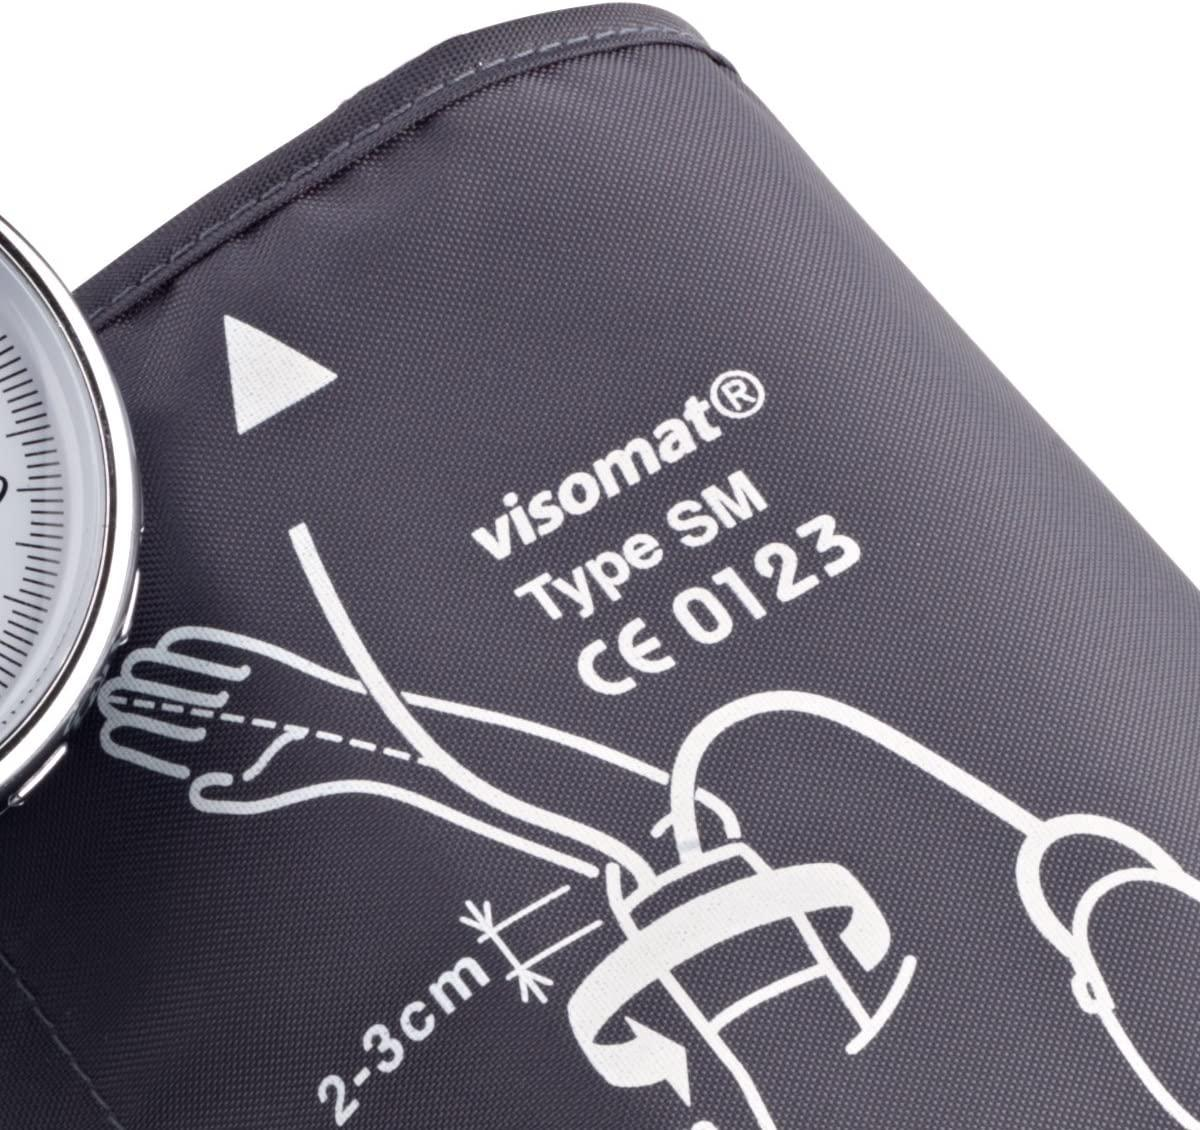 Механический тонометр со стетоскопом Blood Pressure Kit - фото 5